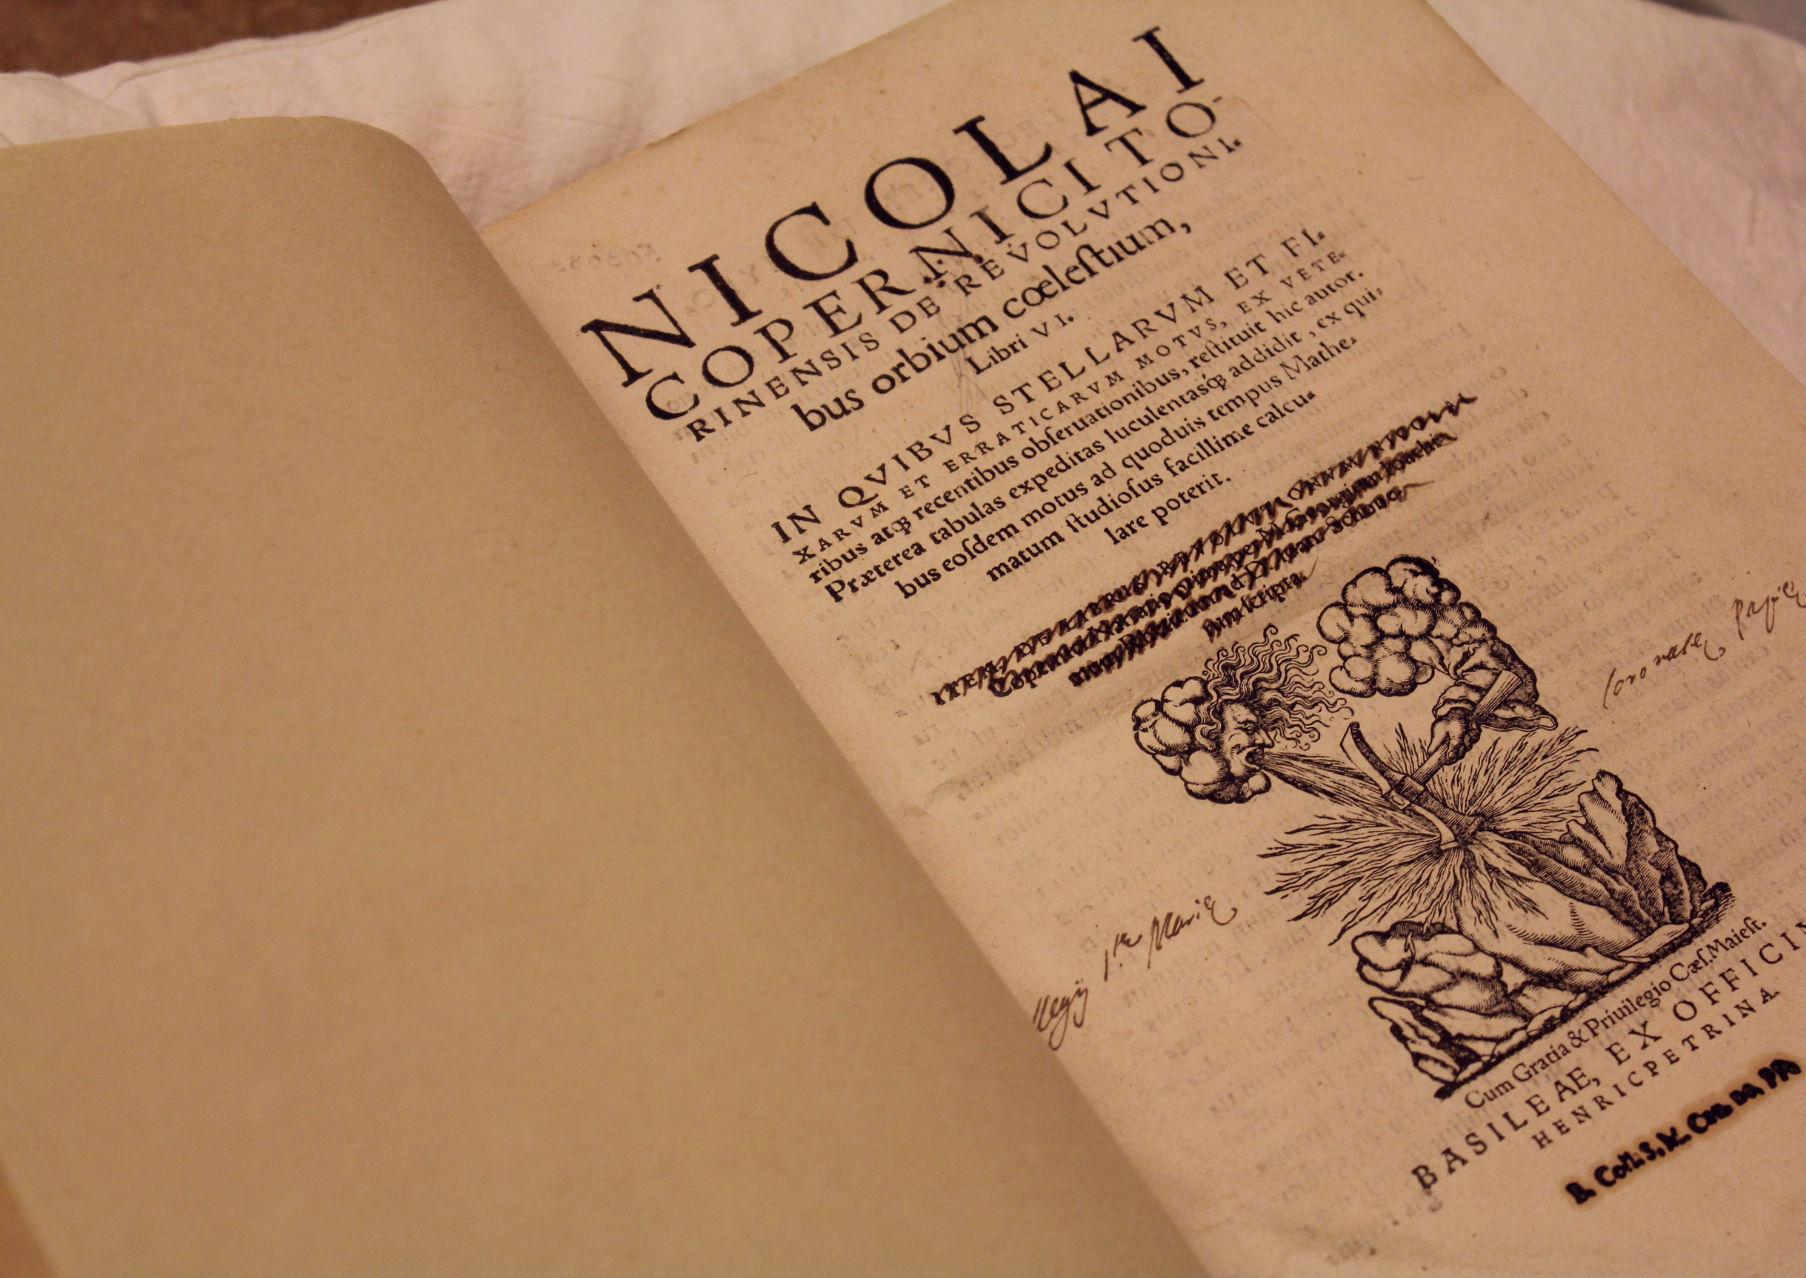 title page of De reuolutionibus orbium coelestium